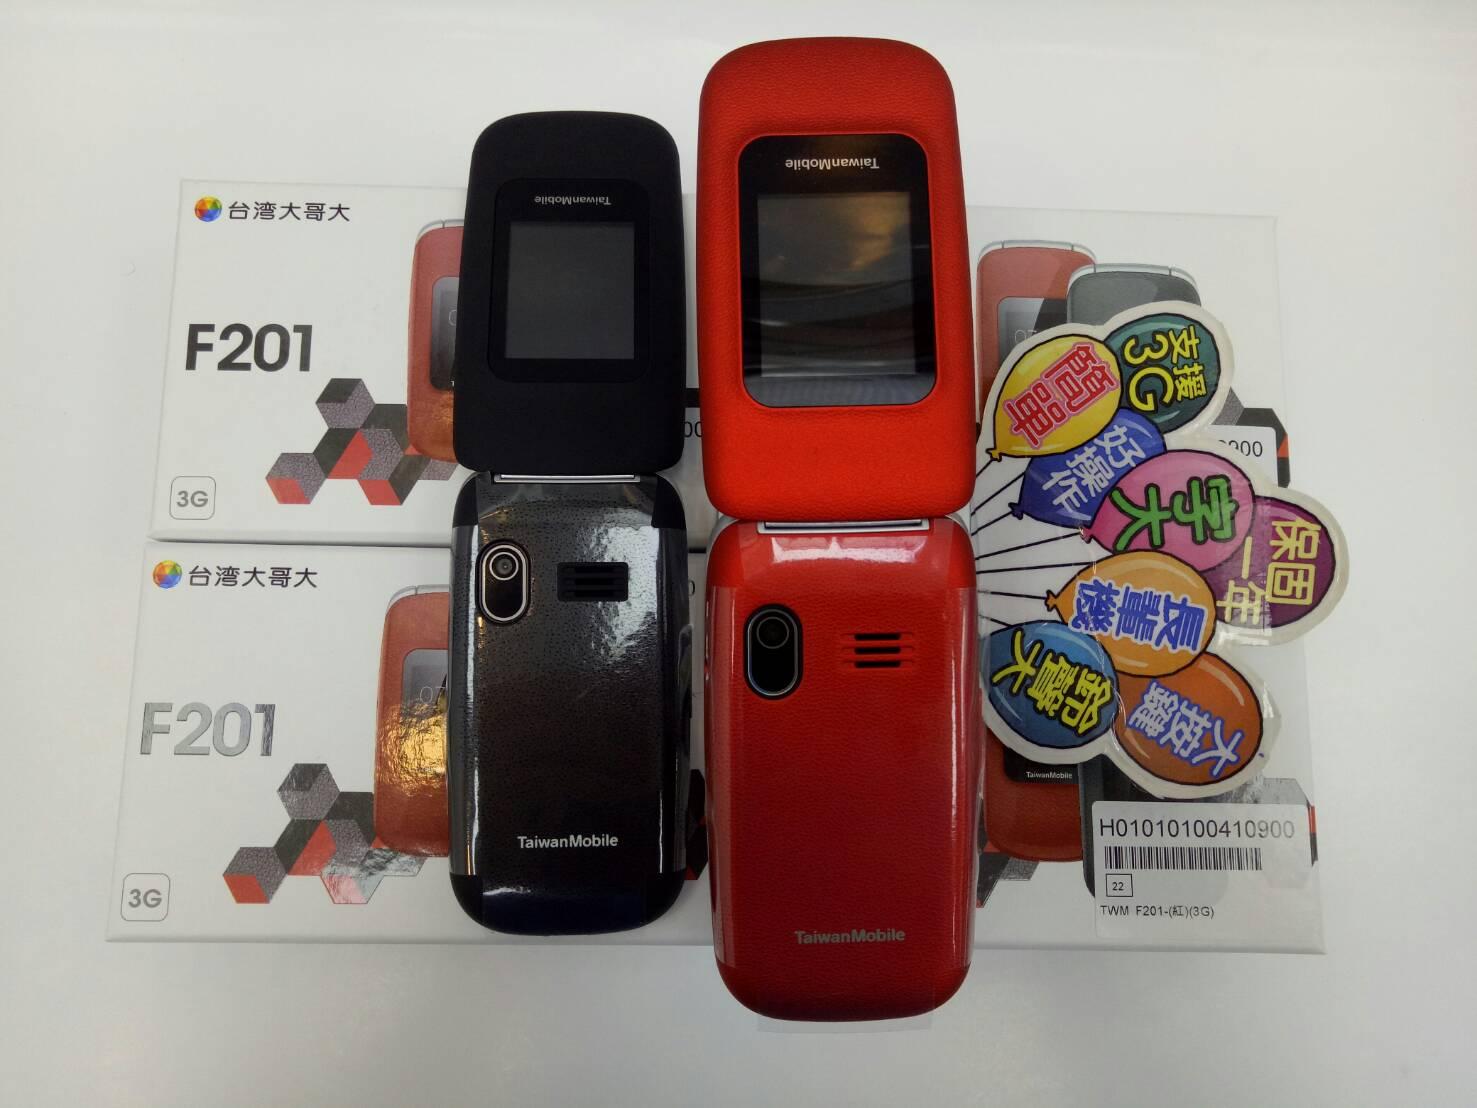 【鐵樂瘋3C 】(展翔)  傳統 按鍵式 3G摺疊 掀蓋 翻蓋 老人機 長輩機 F201 台灣大哥大保固一年